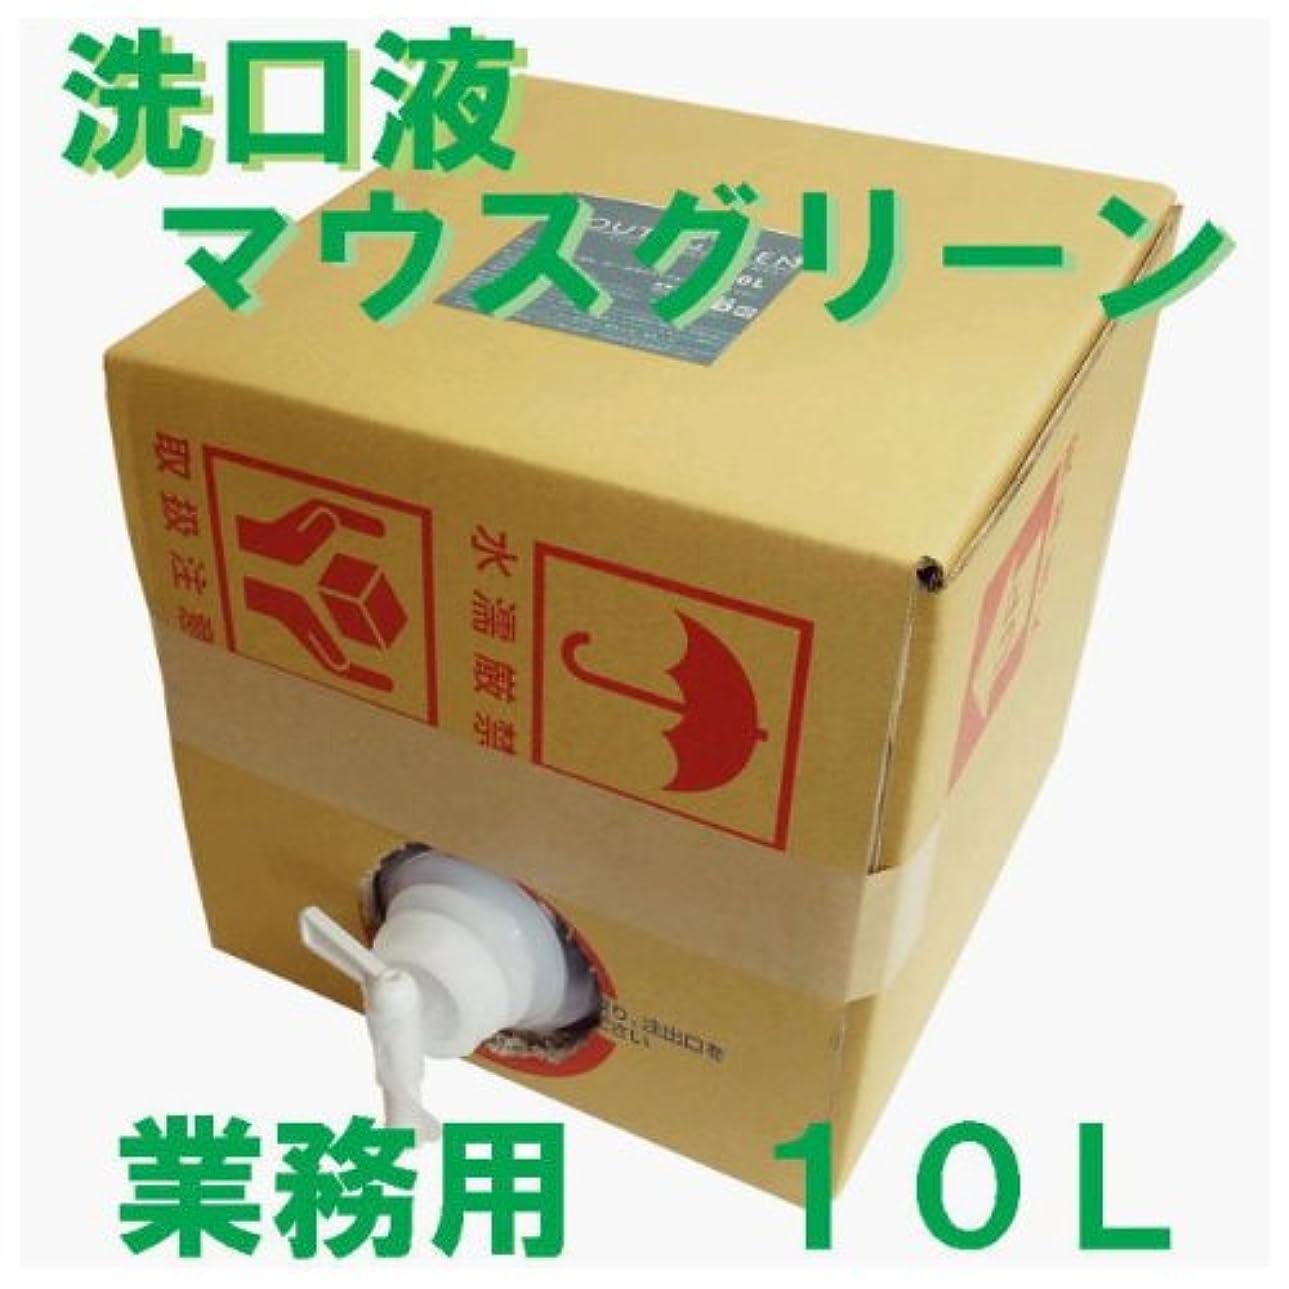 ムスタチオ岸塗抹業務用 口腔化粧品 マウスグリーン洗口液 10L